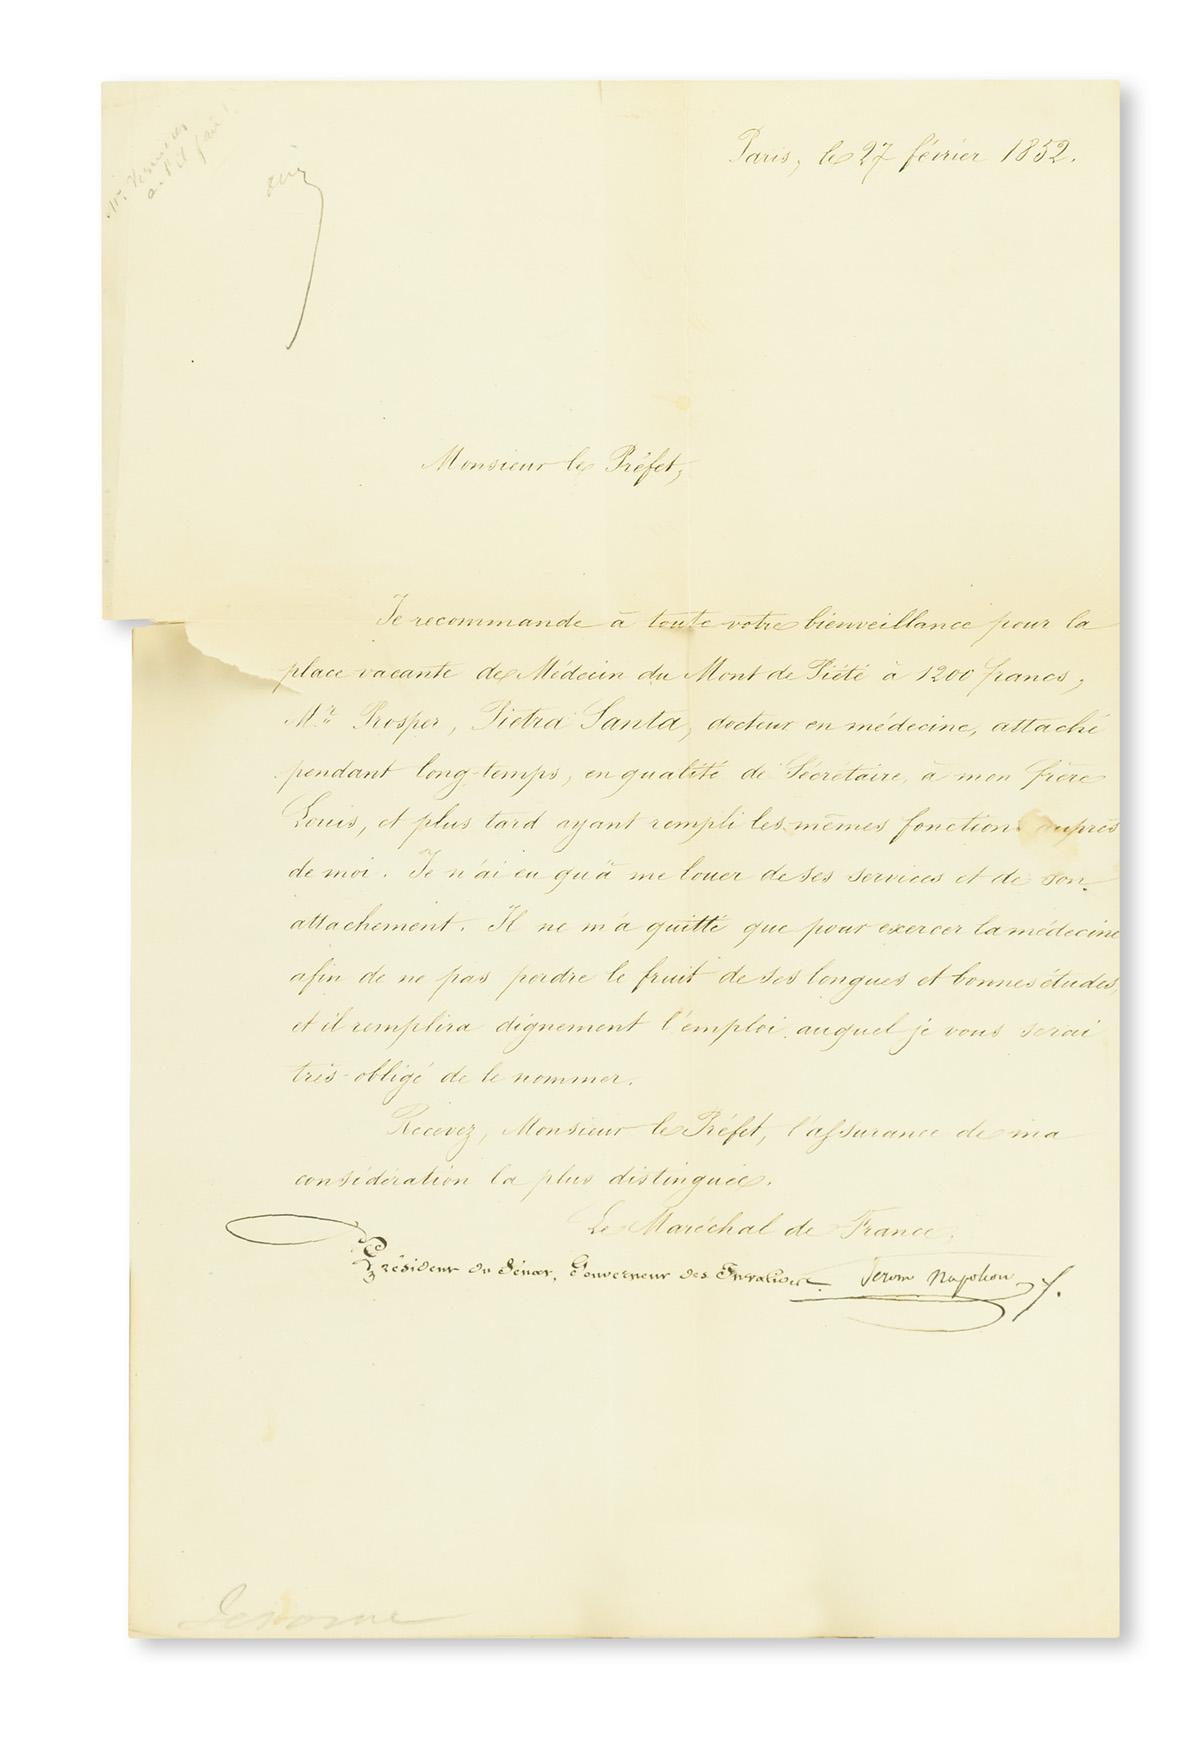 (NAPOLÉON)-Fauvelet-de-Bourrienne-Louis-Antoine-Memoirs-of-N